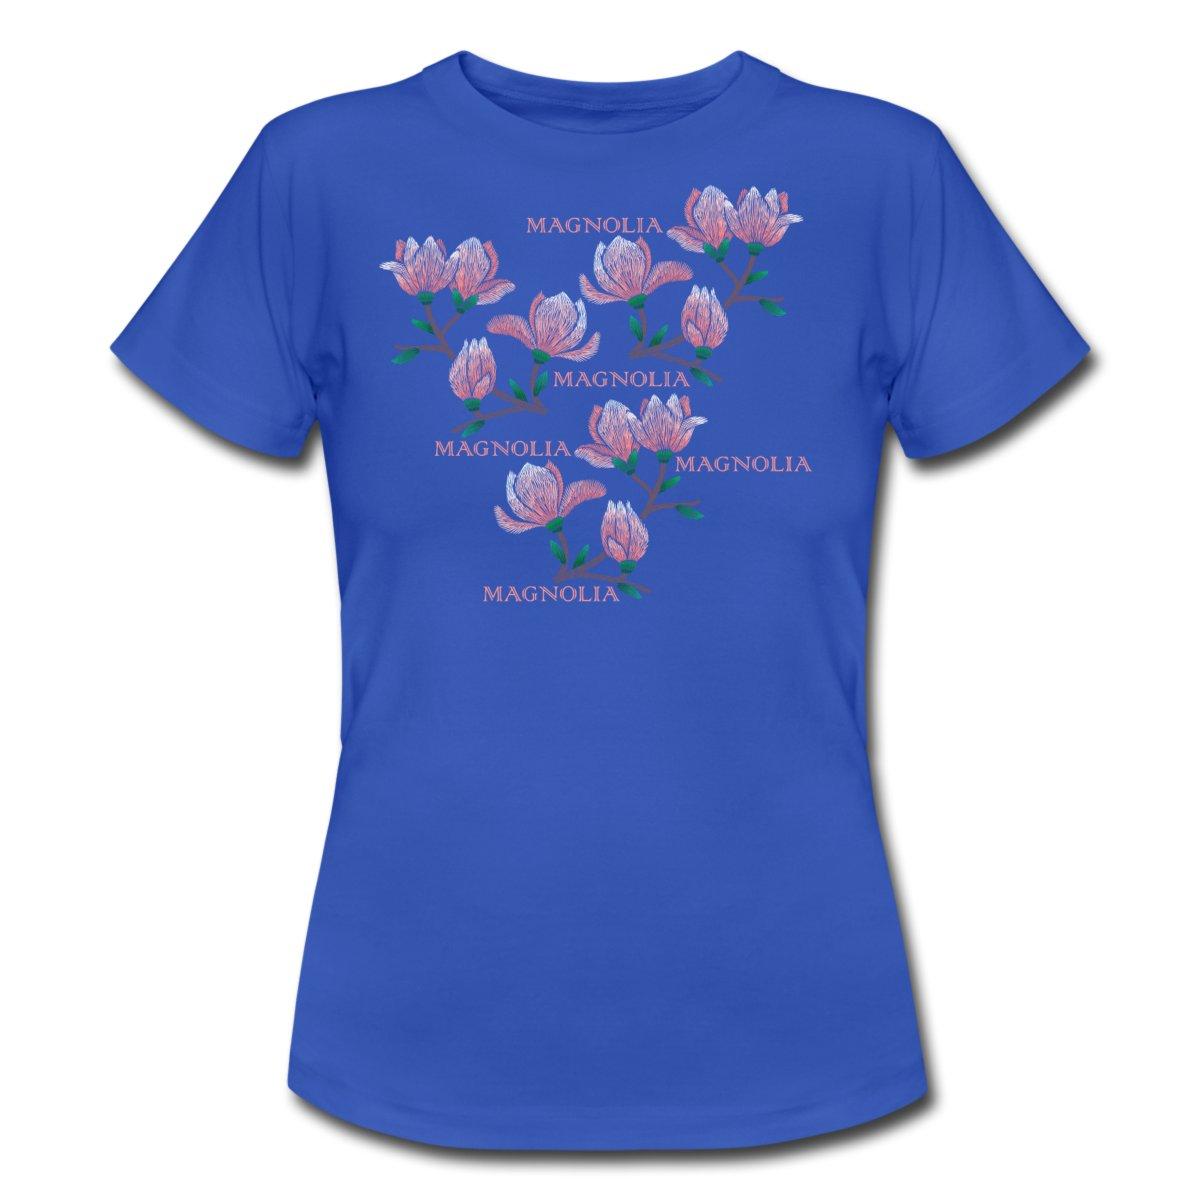 magnolia-t-shirt-damb.jpg